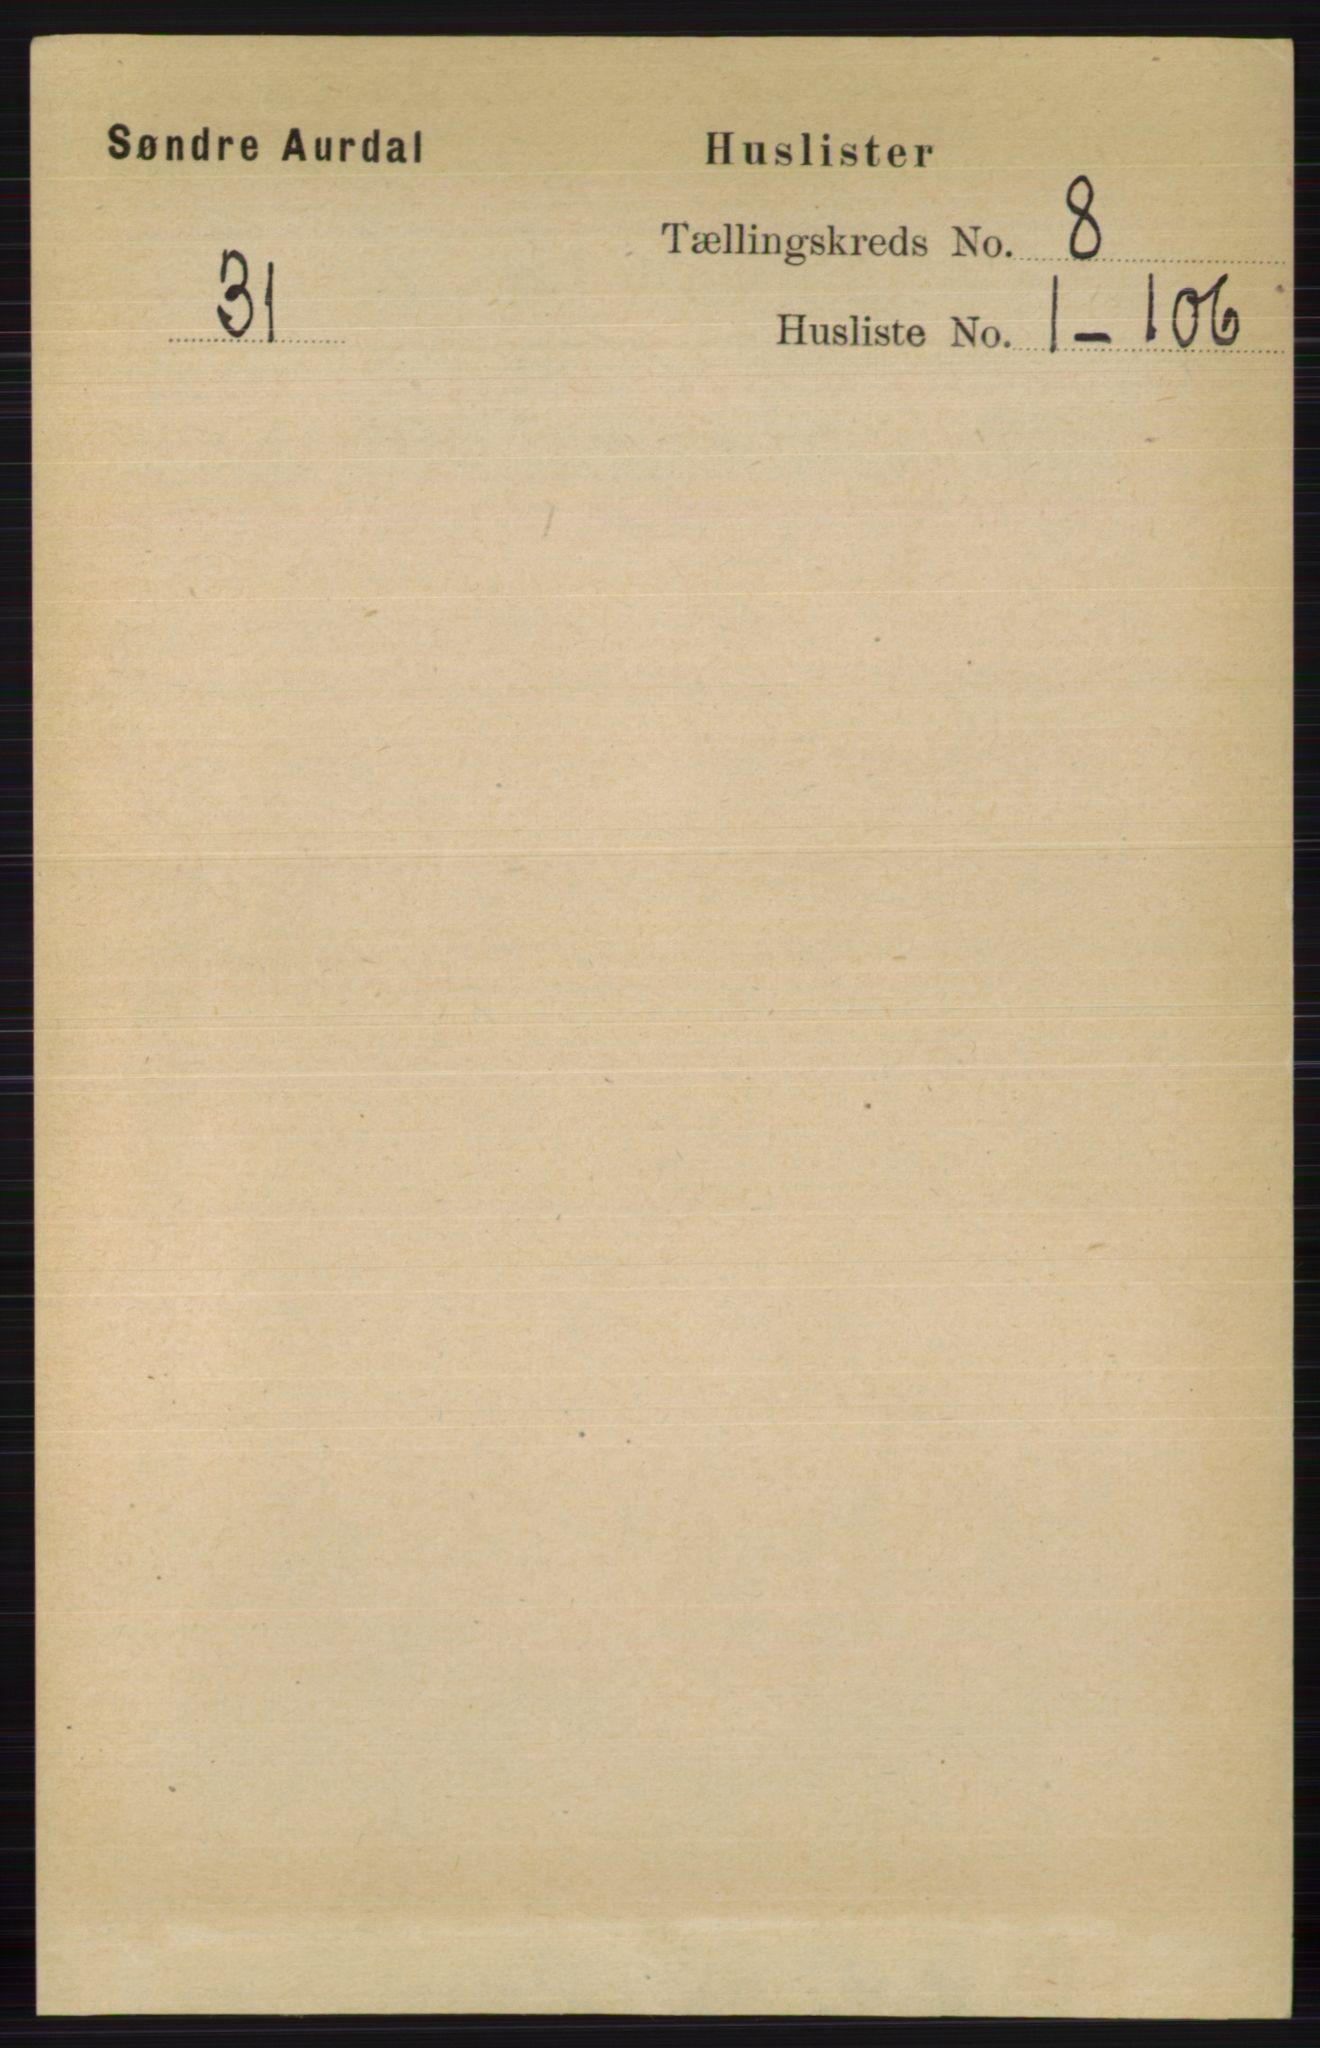 RA, Folketelling 1891 for 0540 Sør-Aurdal herred, 1891, s. 4750